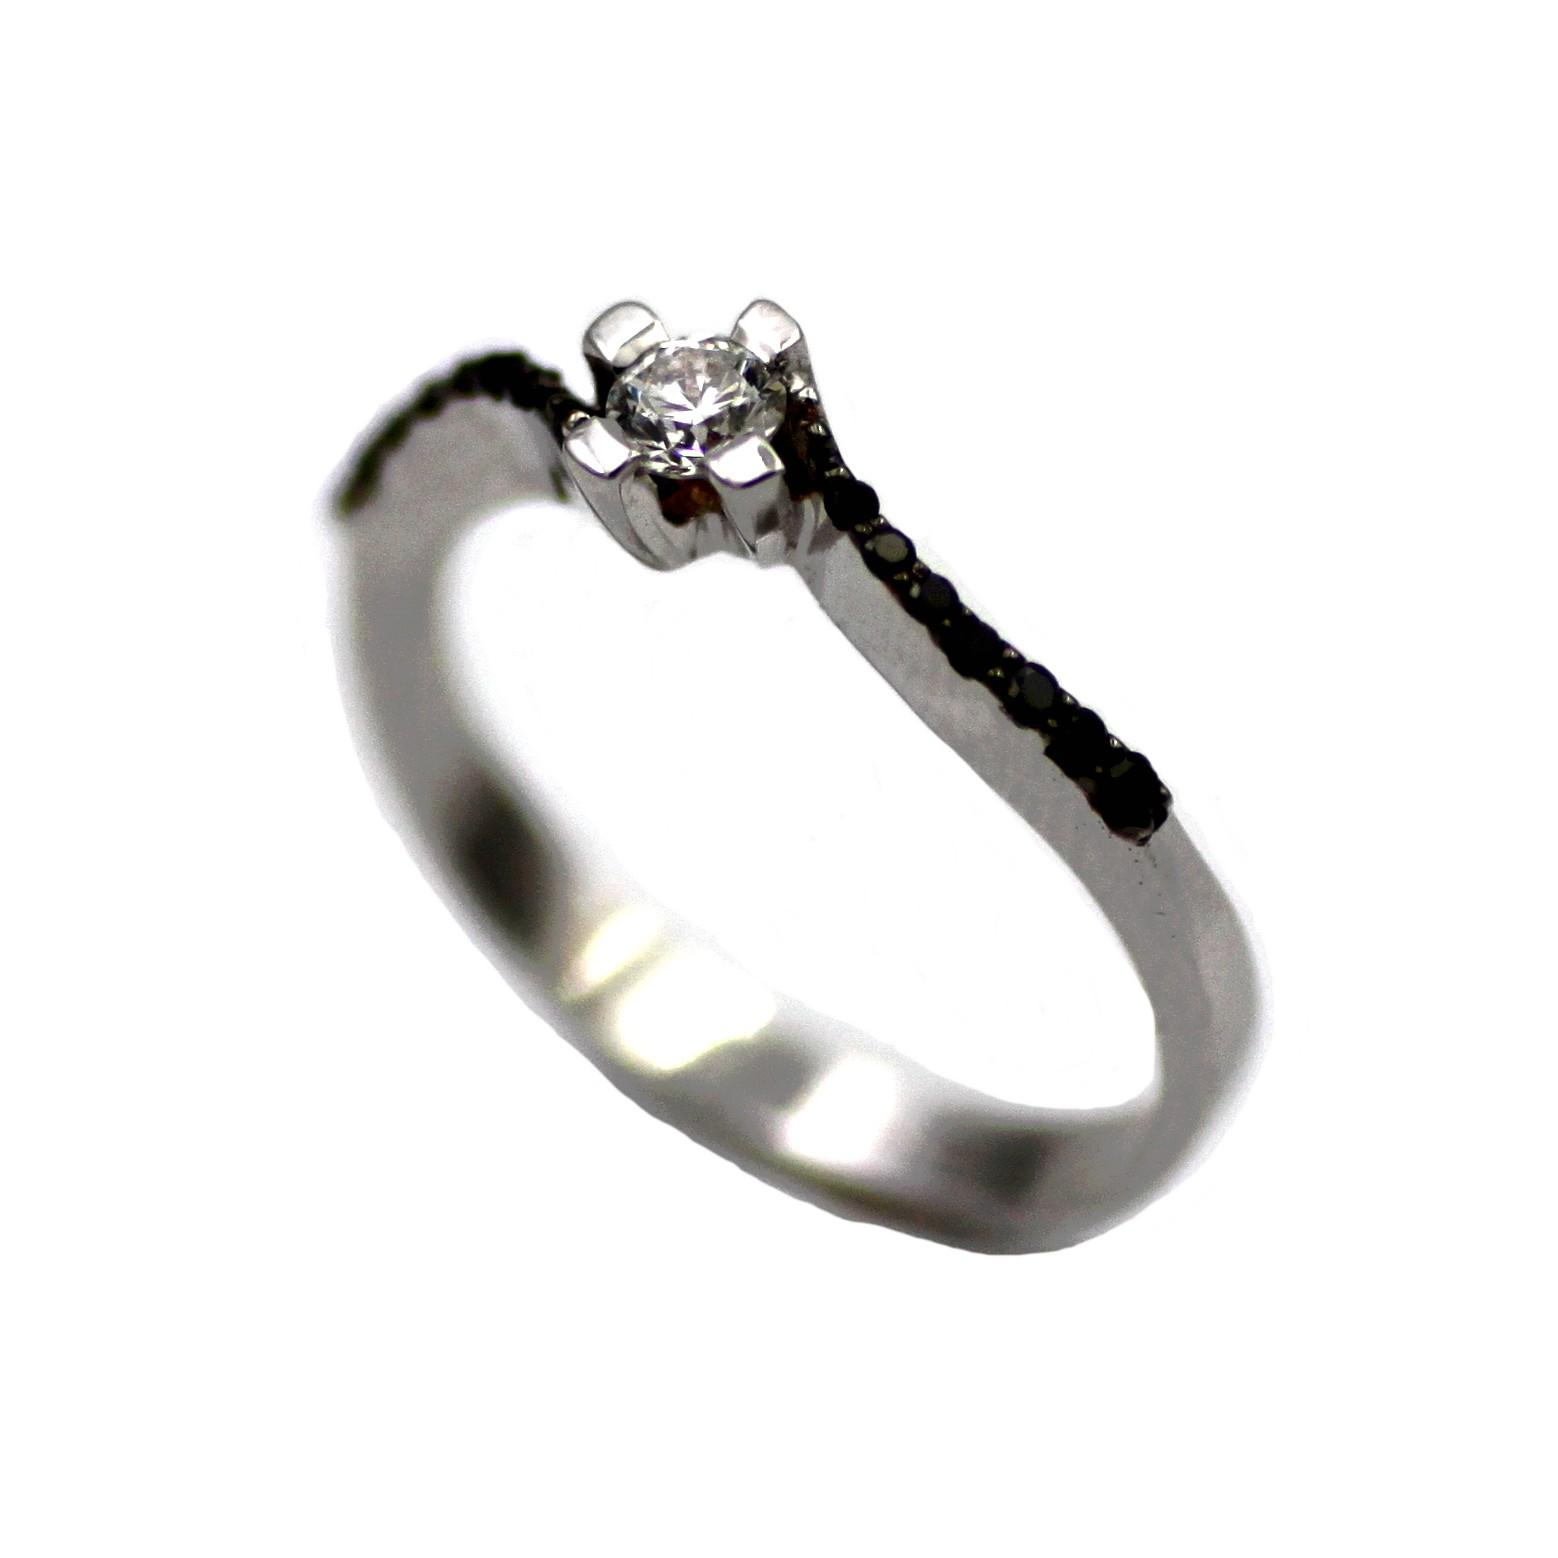 d10119be6470 Sortija de oro blanco Solitario diamante negro brazo diamantes Joyería Juan  Luis Larráyoz Pamplona sortijas de